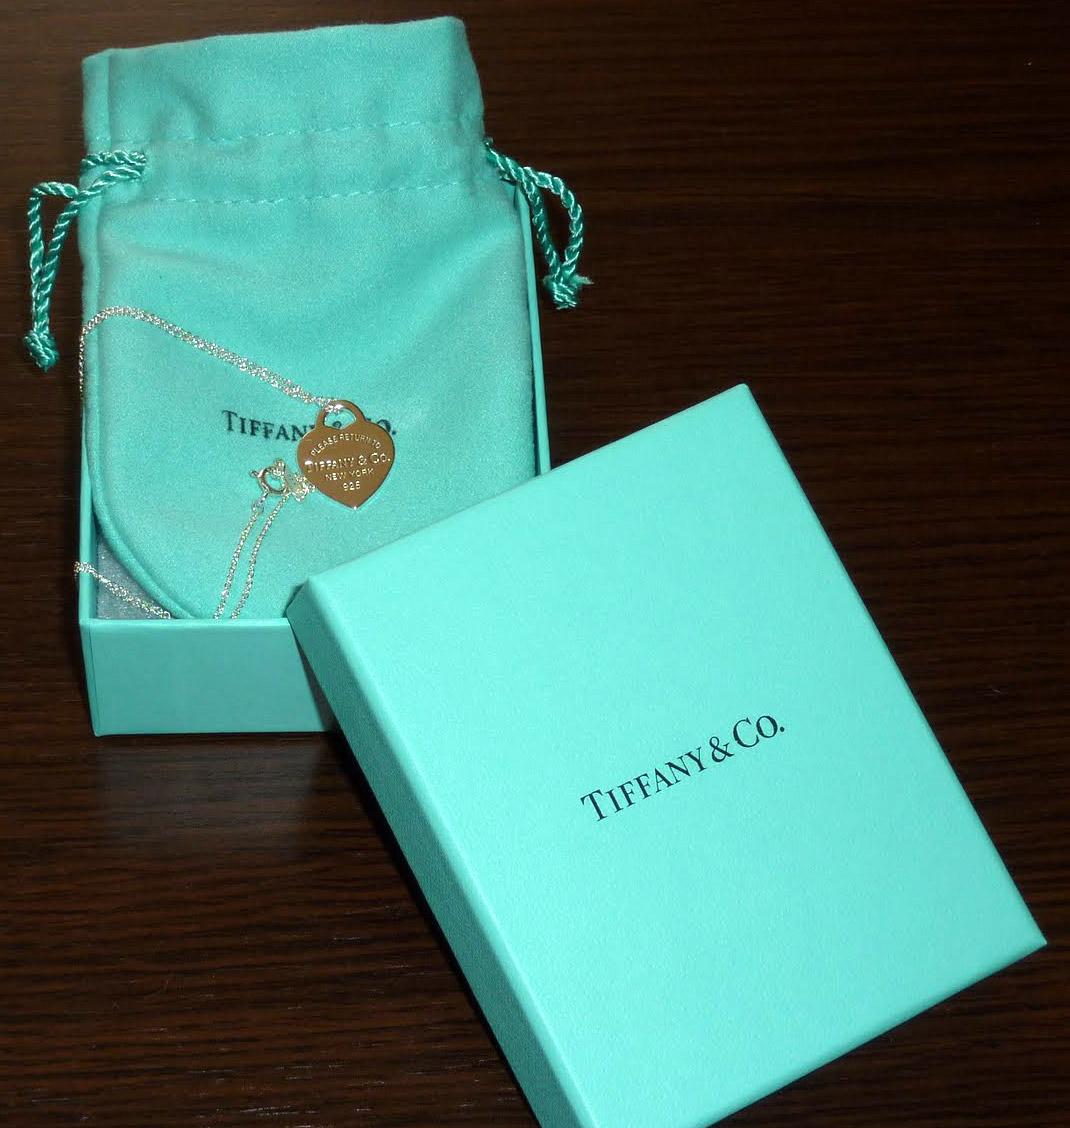 В продолжении темы свадьбы в цвете тиффани покажу коробочки для денег - сделала две на выбор для подруги невесты